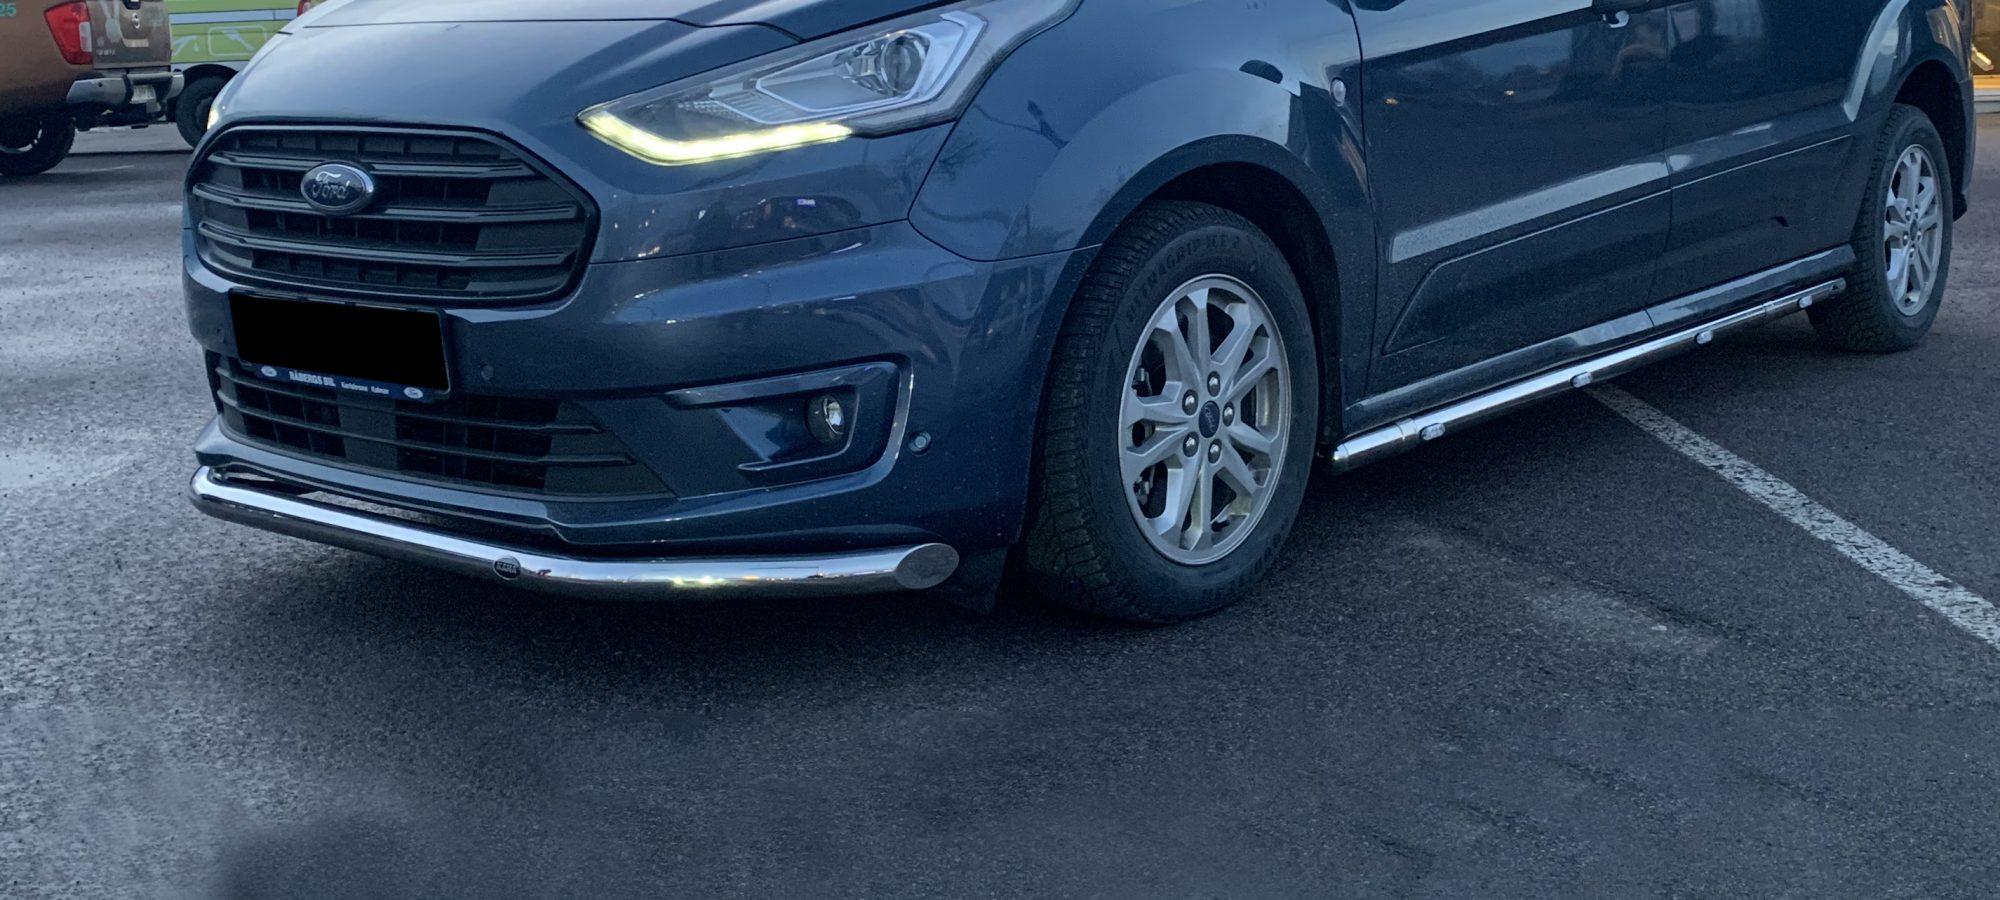 Frontbåge Ford Transit Connect 19+ bakgrundsbild